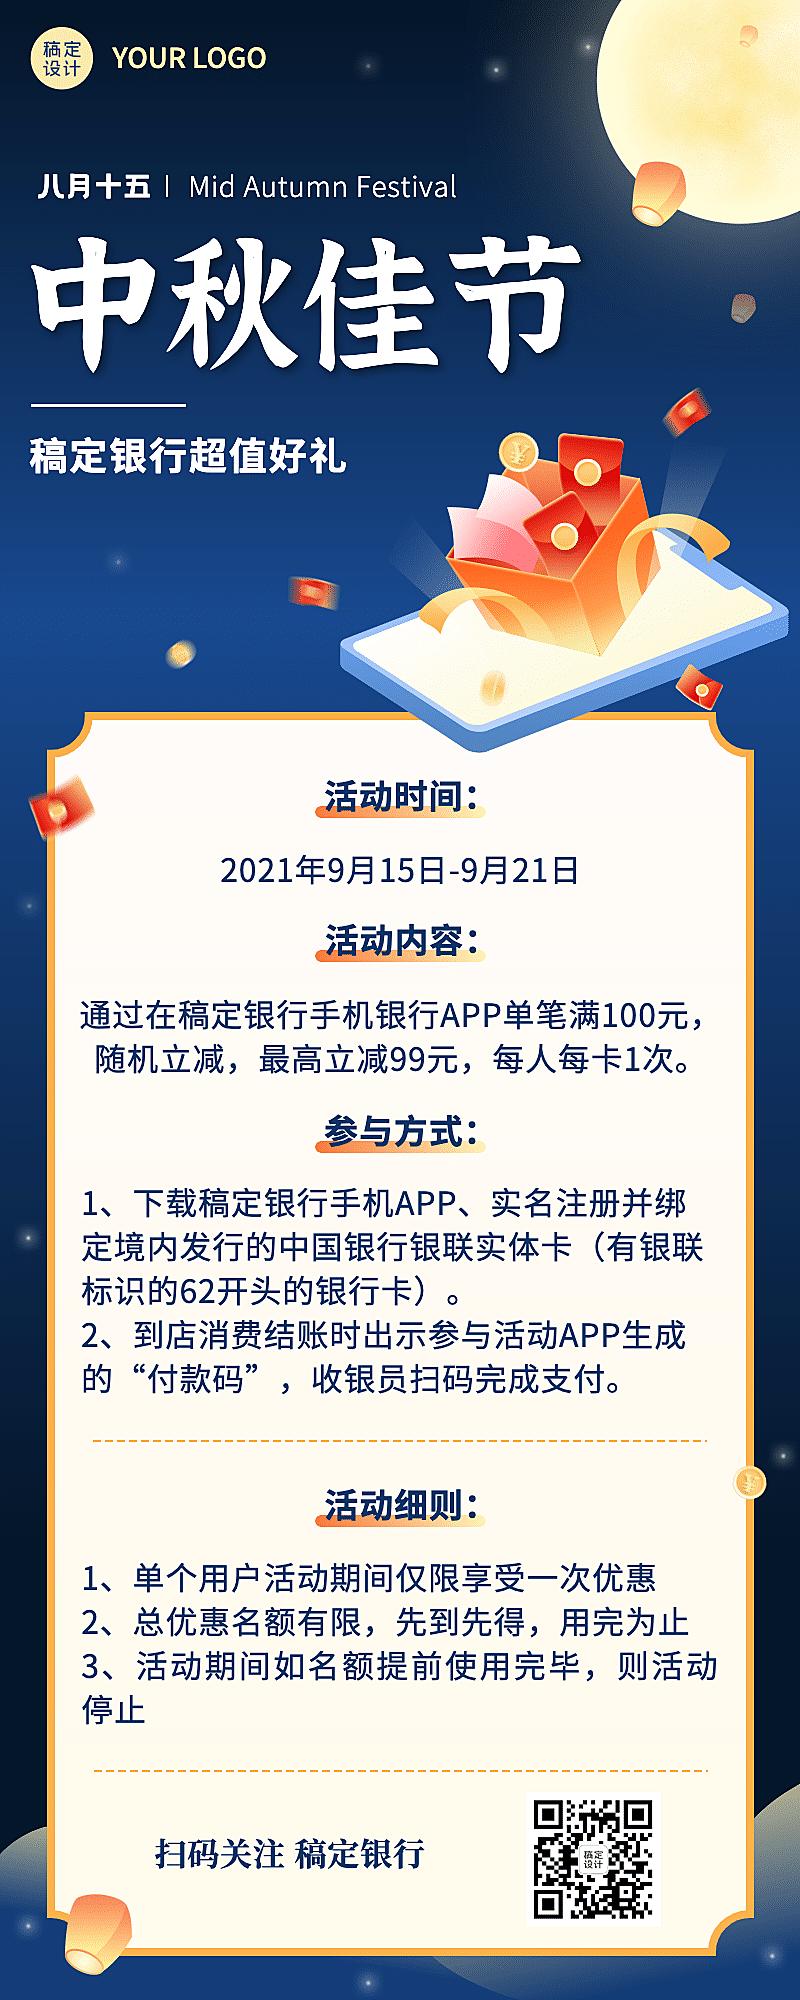 金融保险中秋节银行活动长图海报